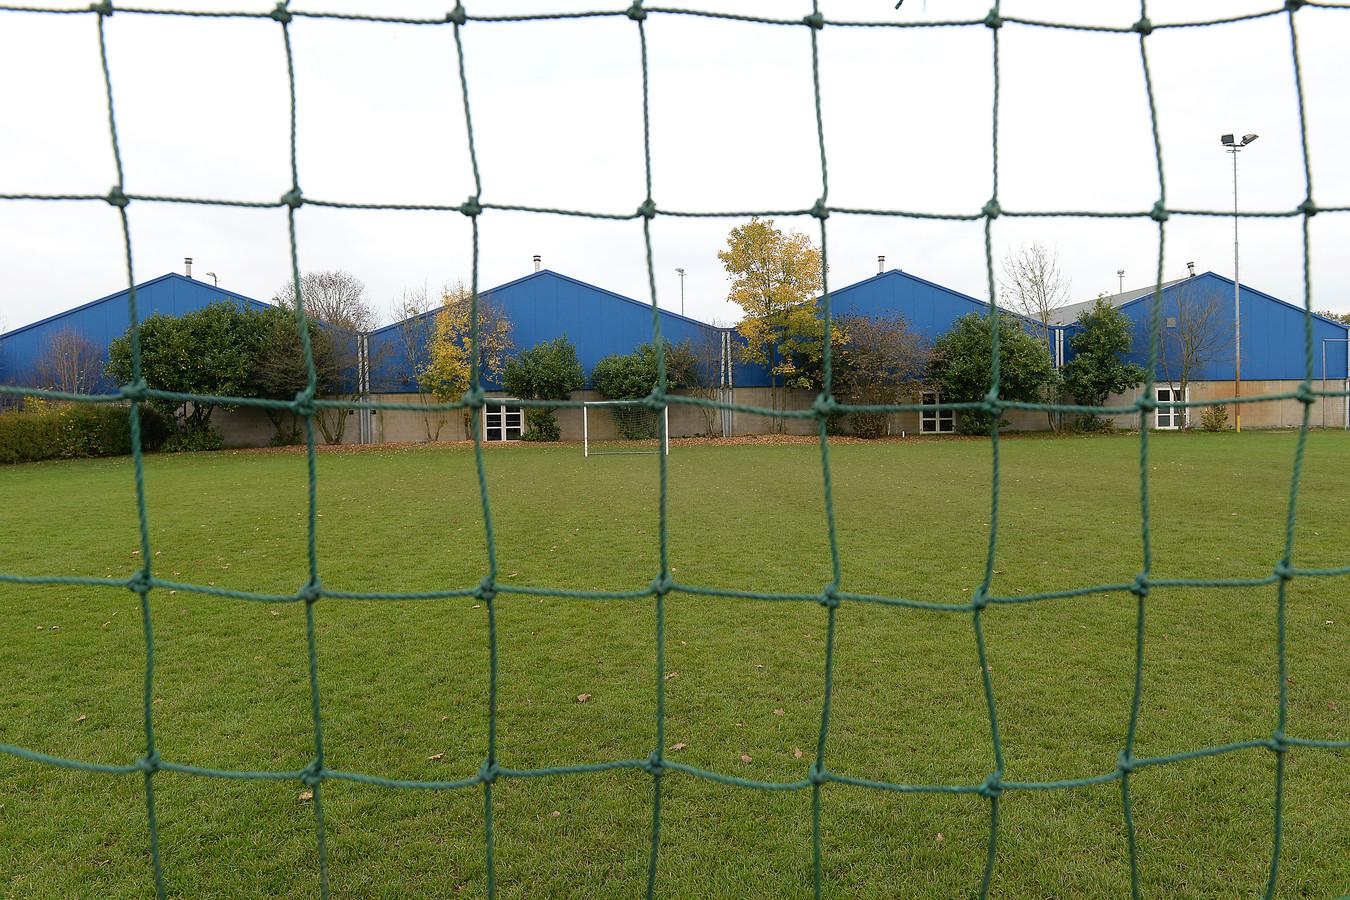 De Tennishal aan de Sportlaan in Boxmeer.